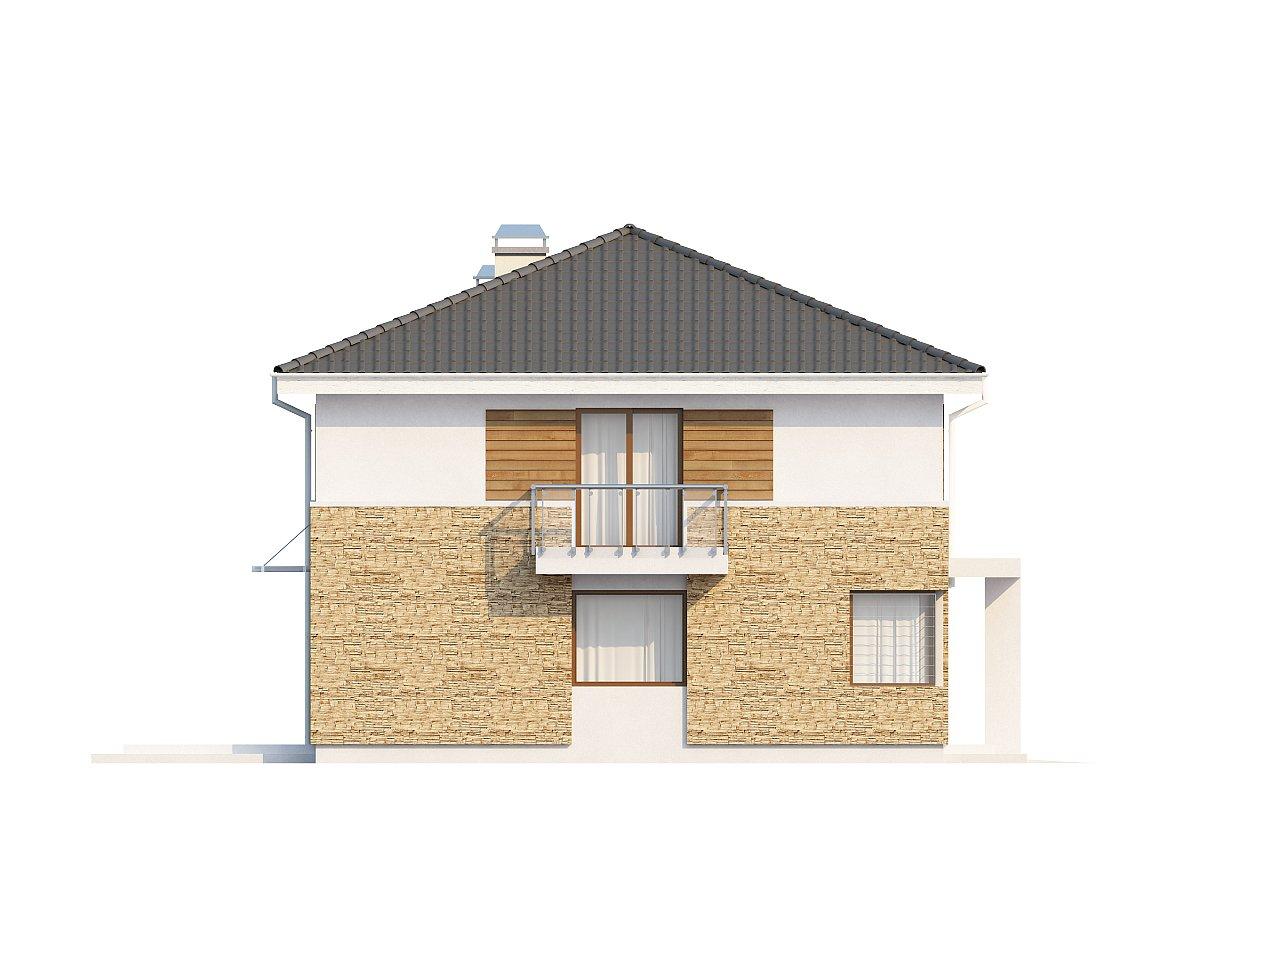 Просторный двухэтажный дом минималистичного современного дизайна. 7